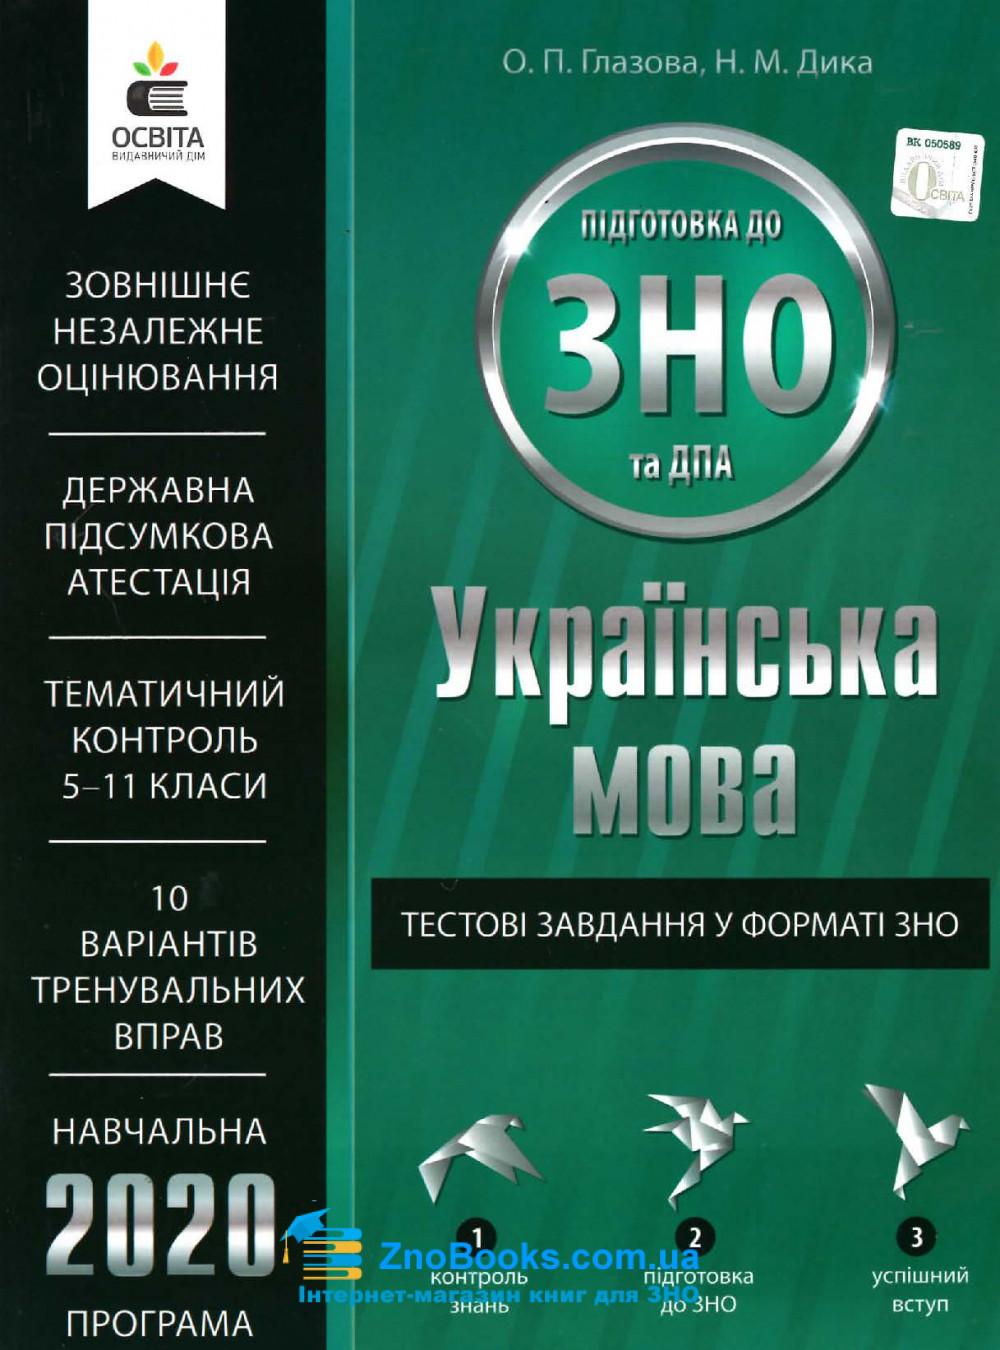 Українська мова (Глазова). Тести до ЗНО 2020 Освіта. купити 0